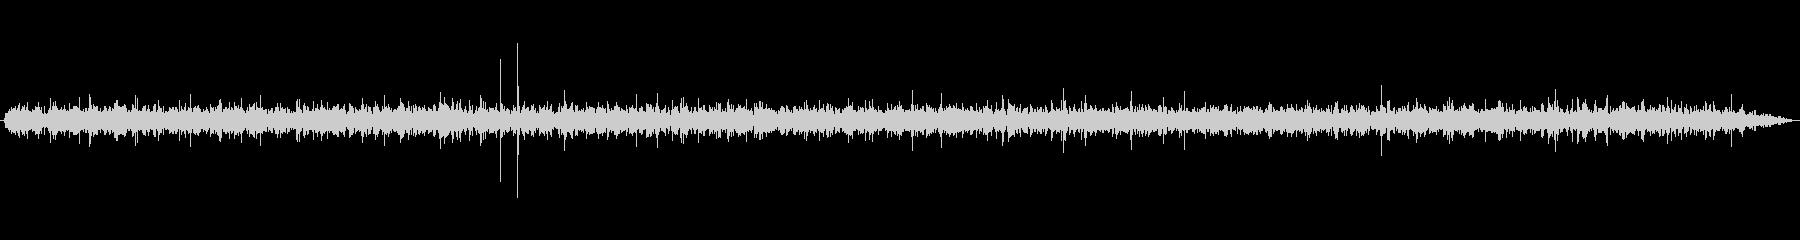 雪解けの雨だれ音03-疑似立体音響版の未再生の波形